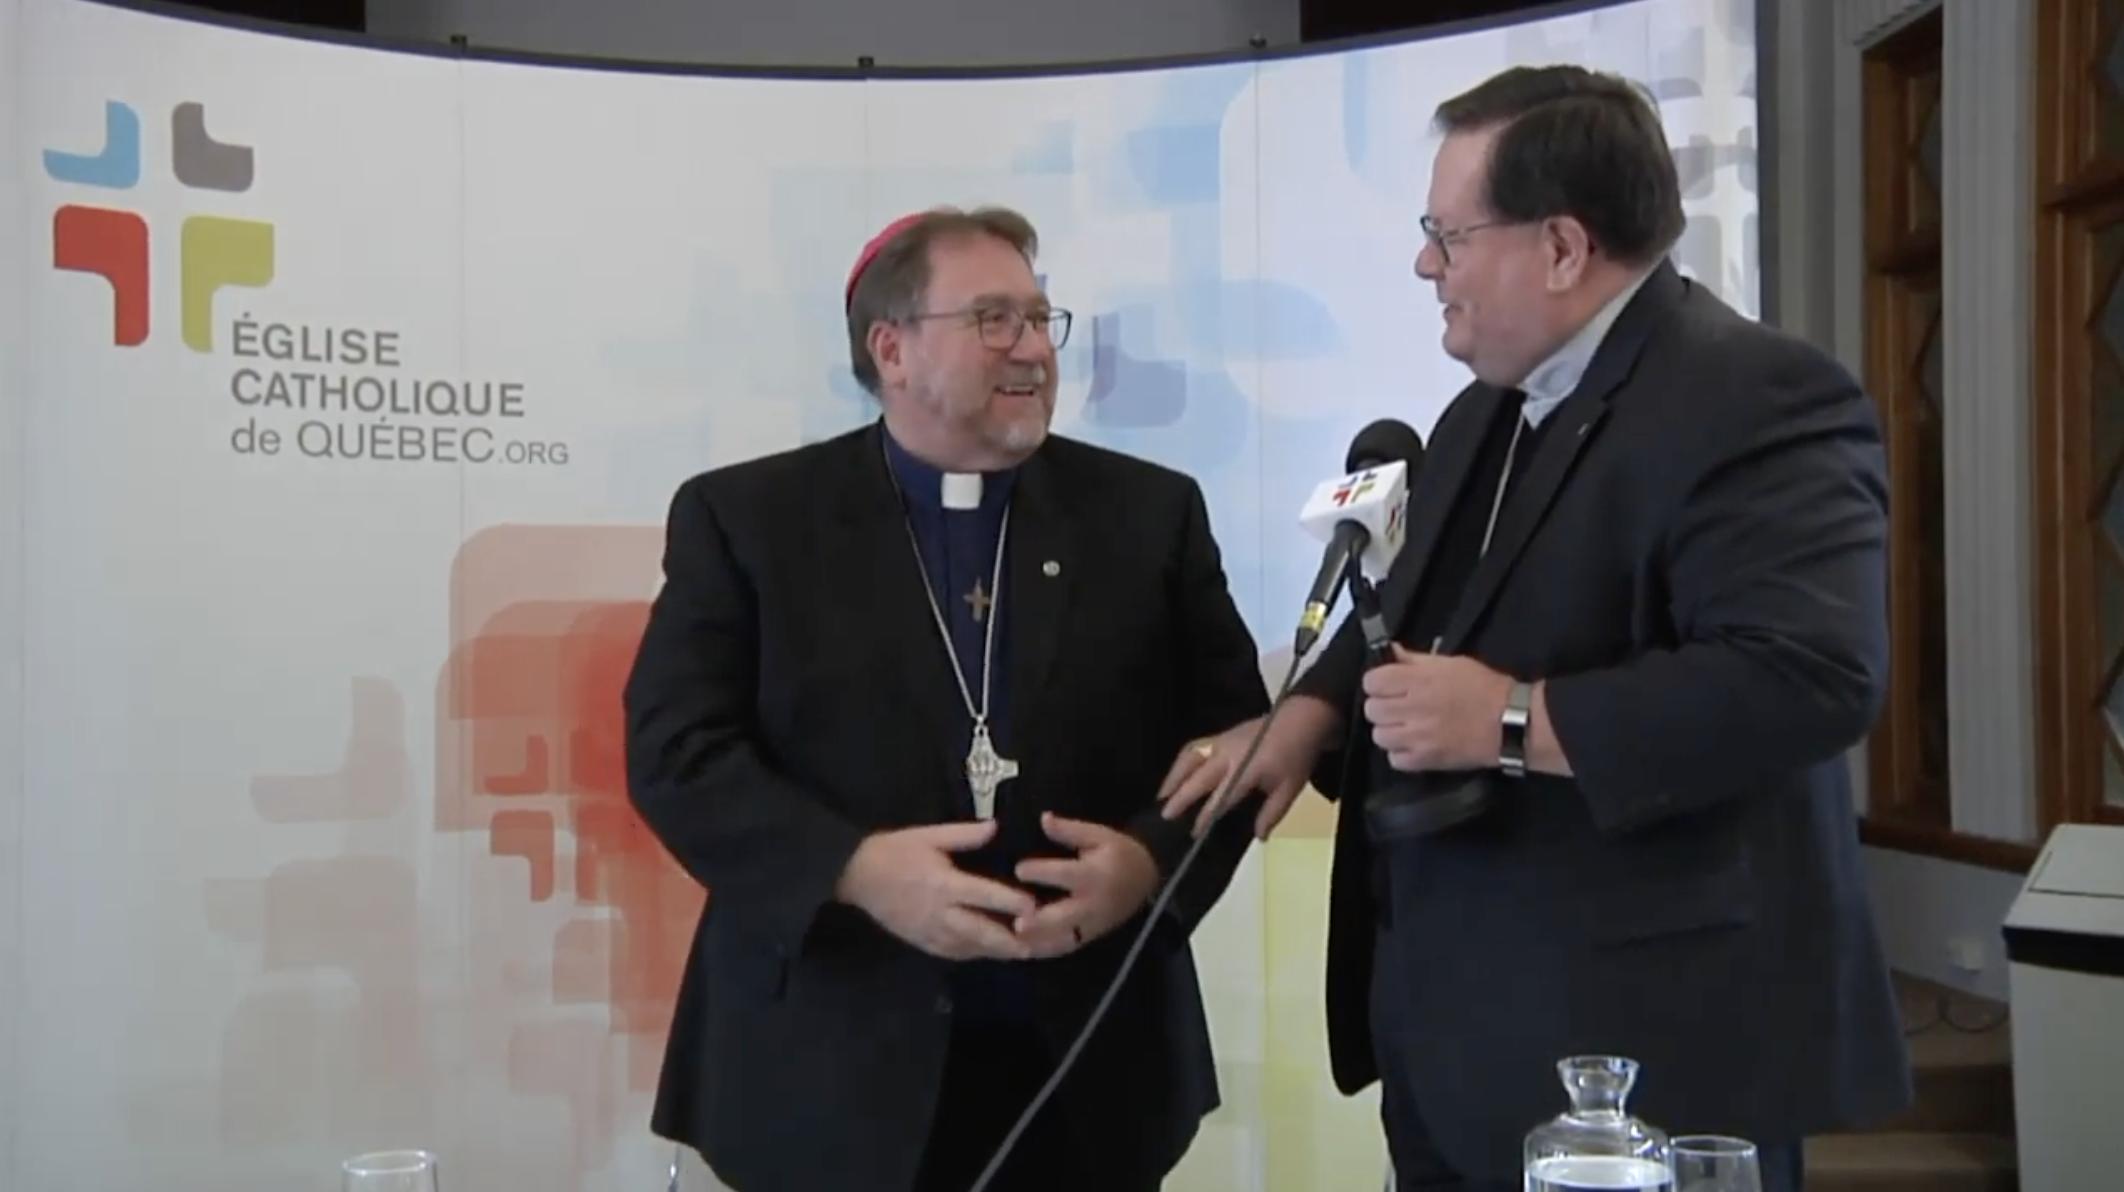 Nouvel évêque auxiliaire à Québec